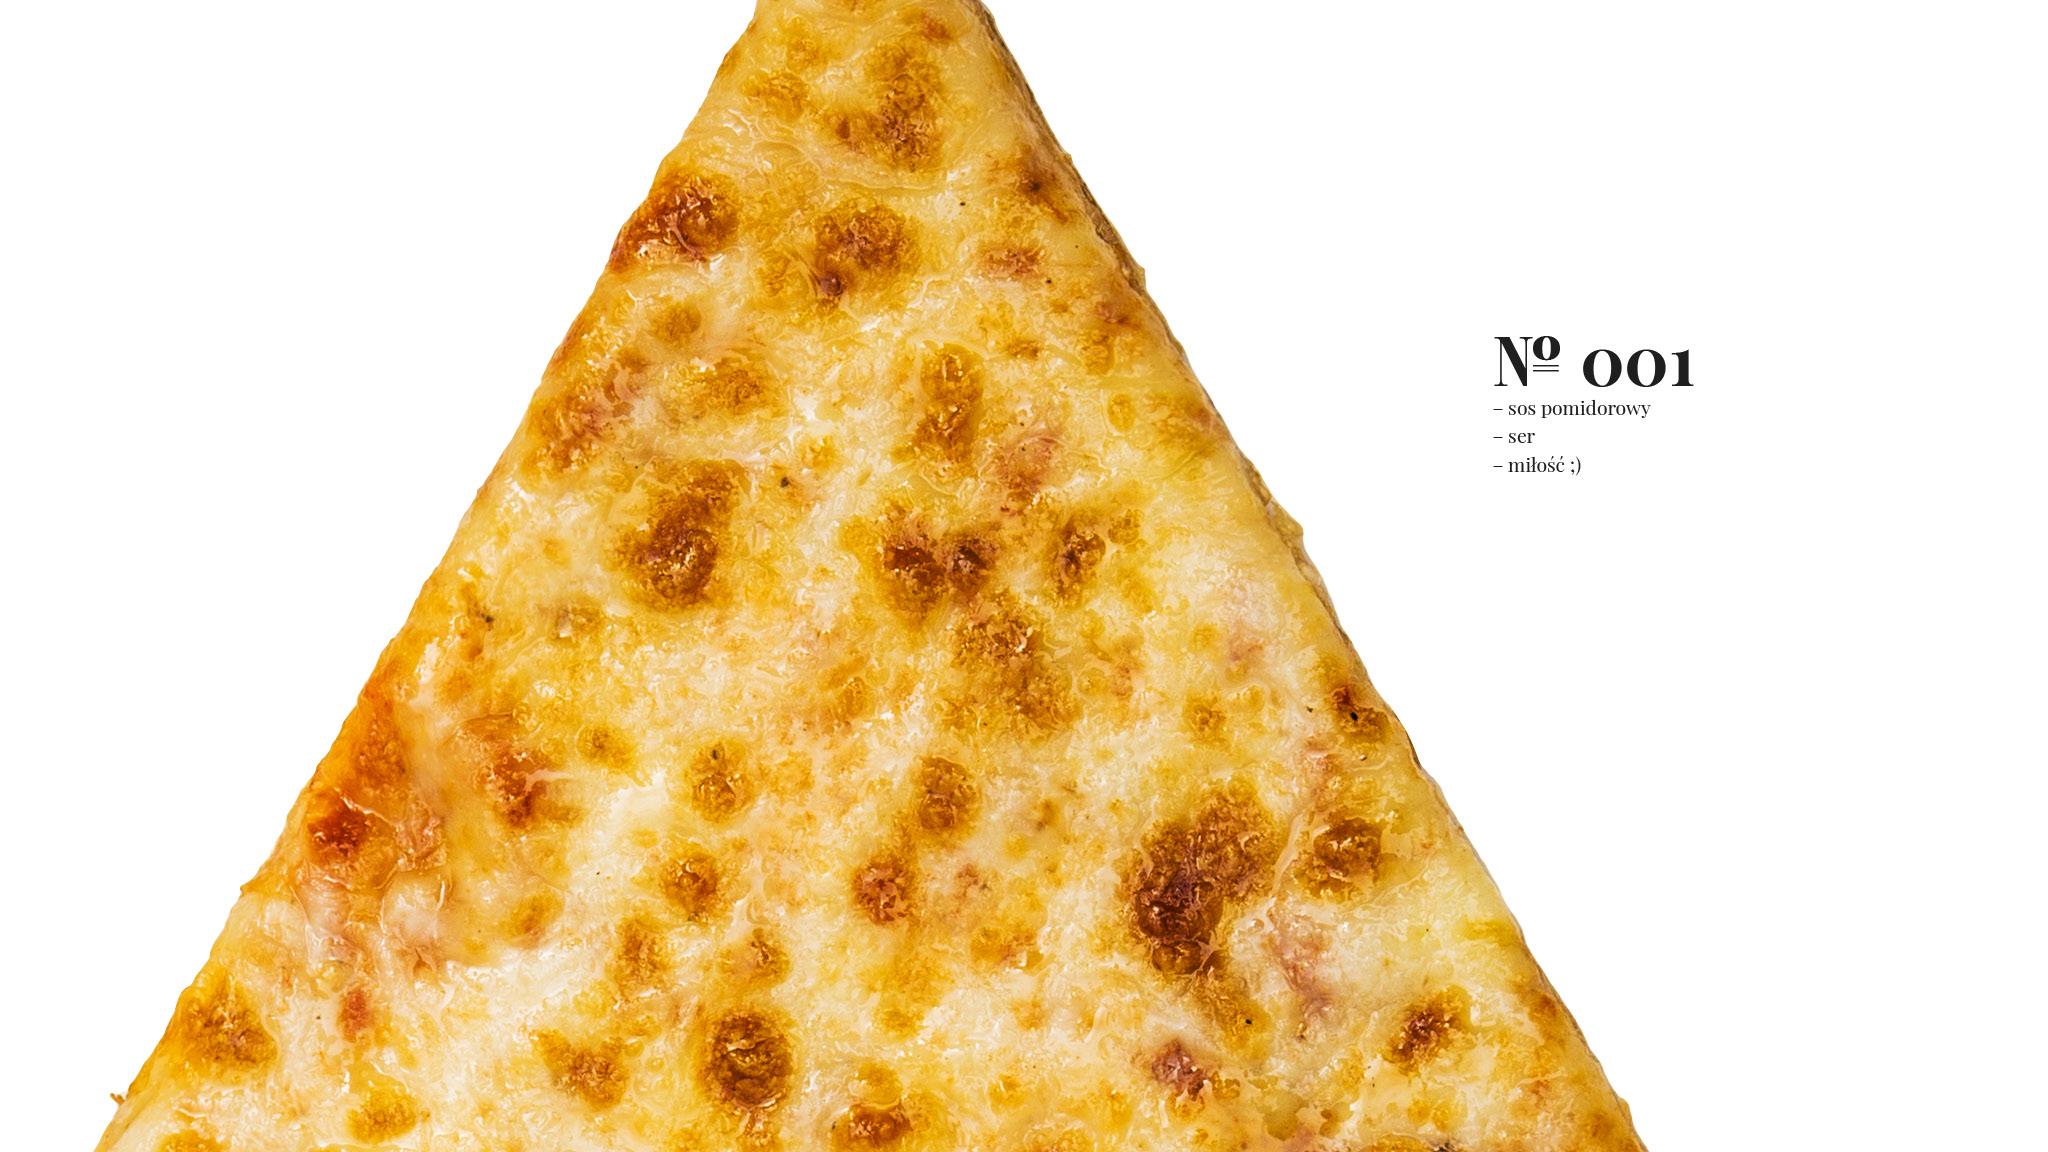 Pizza 60 freebee system – sos pomidorowy – ser – miłość ;)